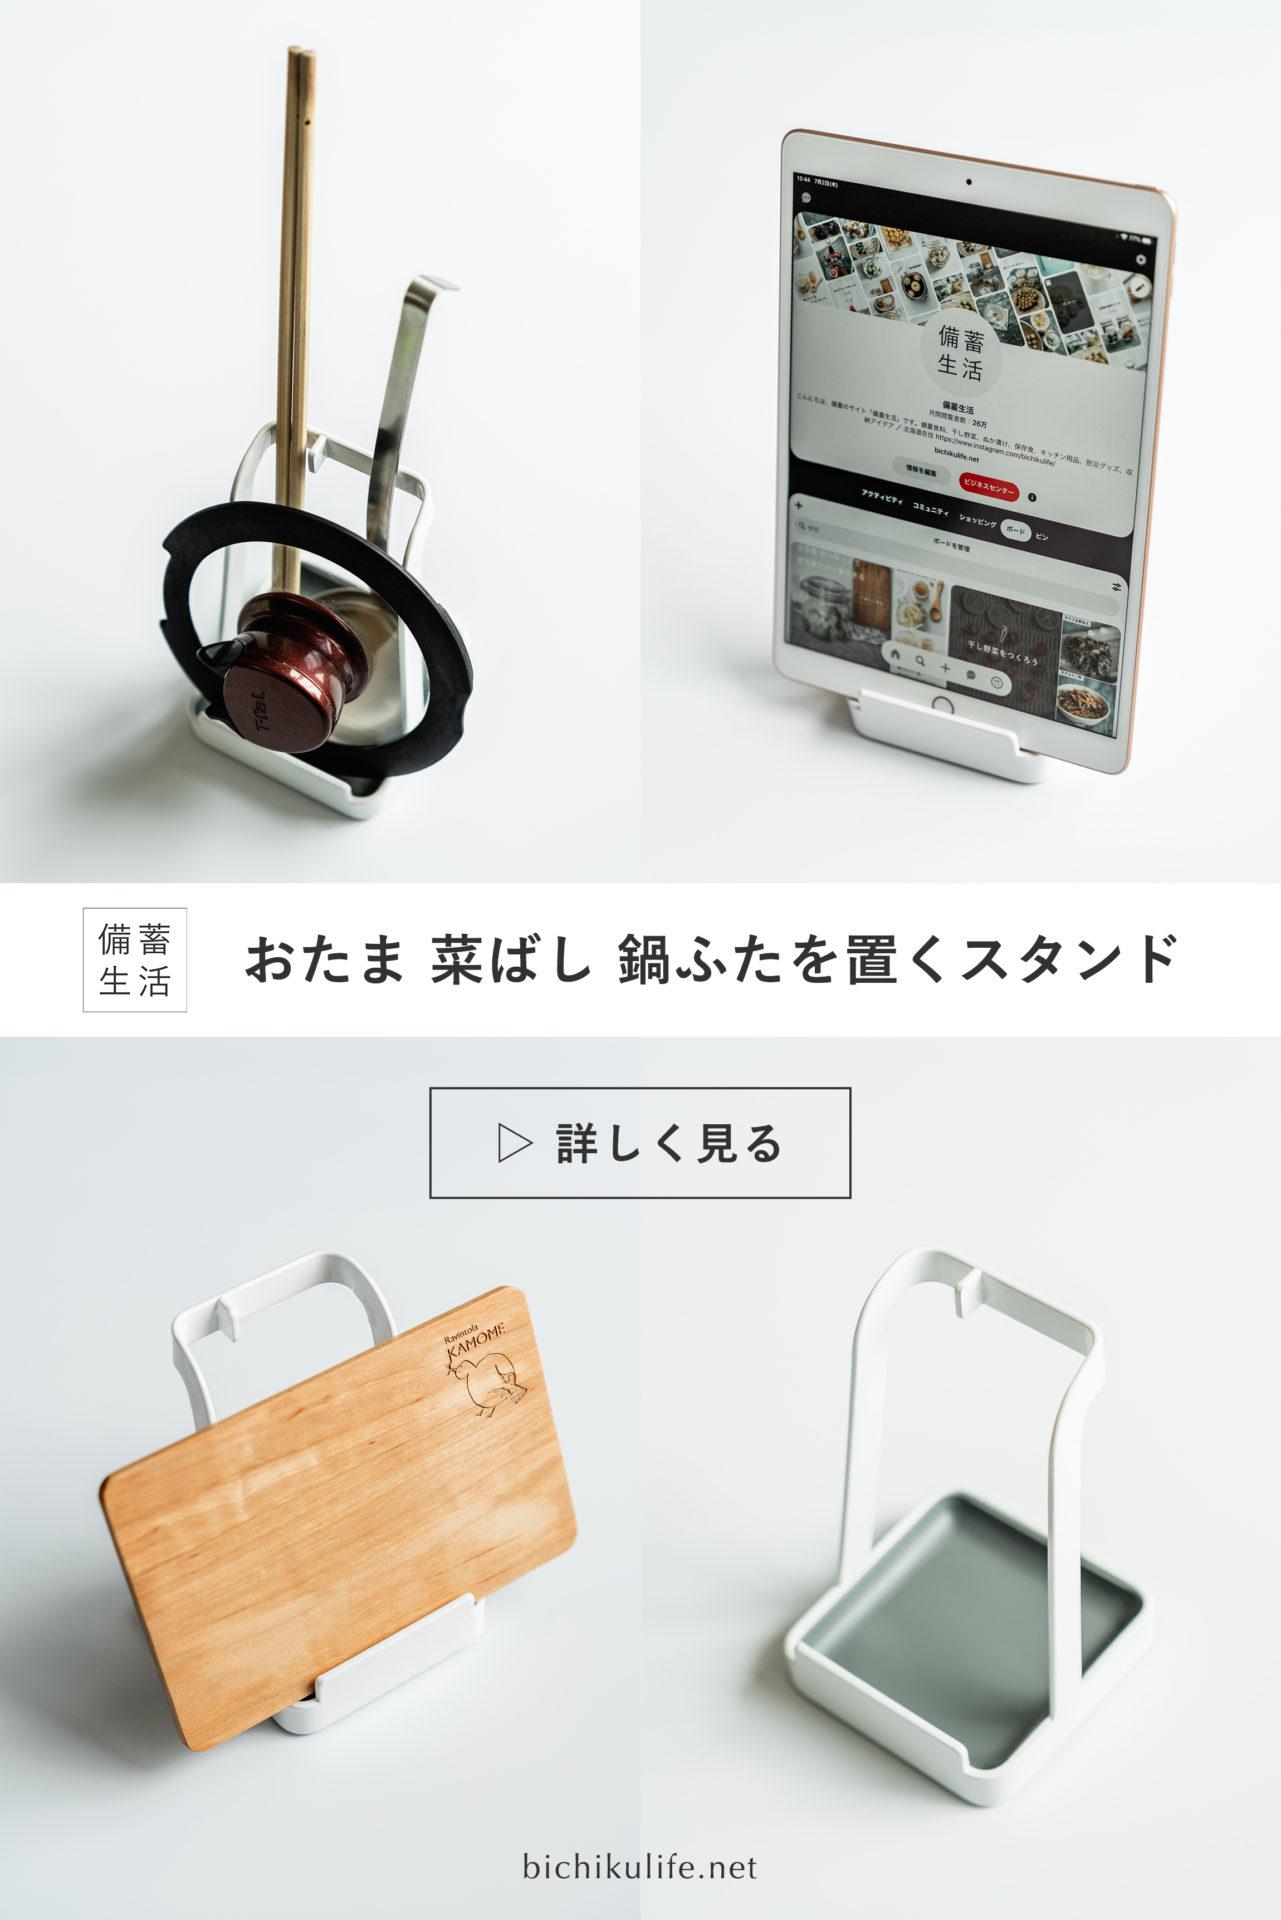 山崎実業 おたま&鍋ふたスタンド tower